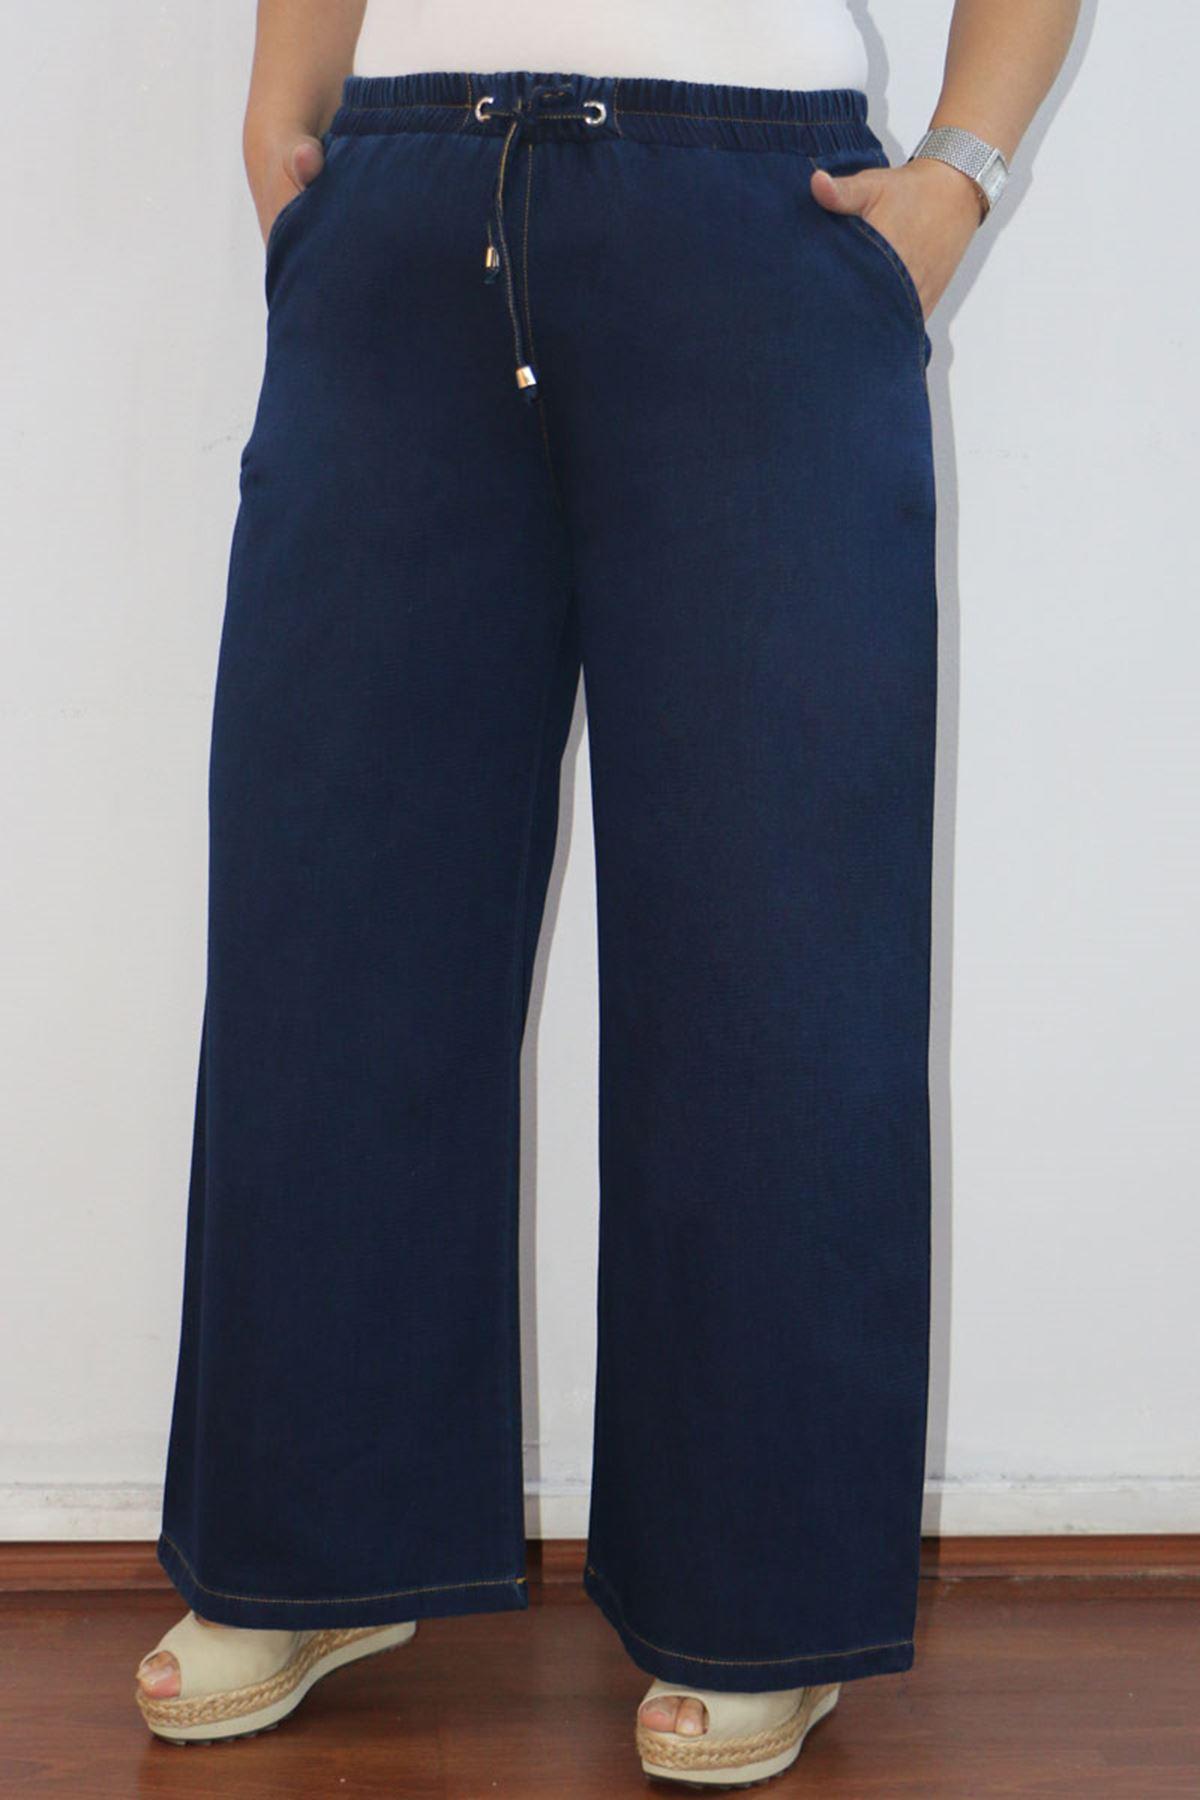 9155-1 بنطلون جينز واسع الساق مقاس كبير - كحلي داكن